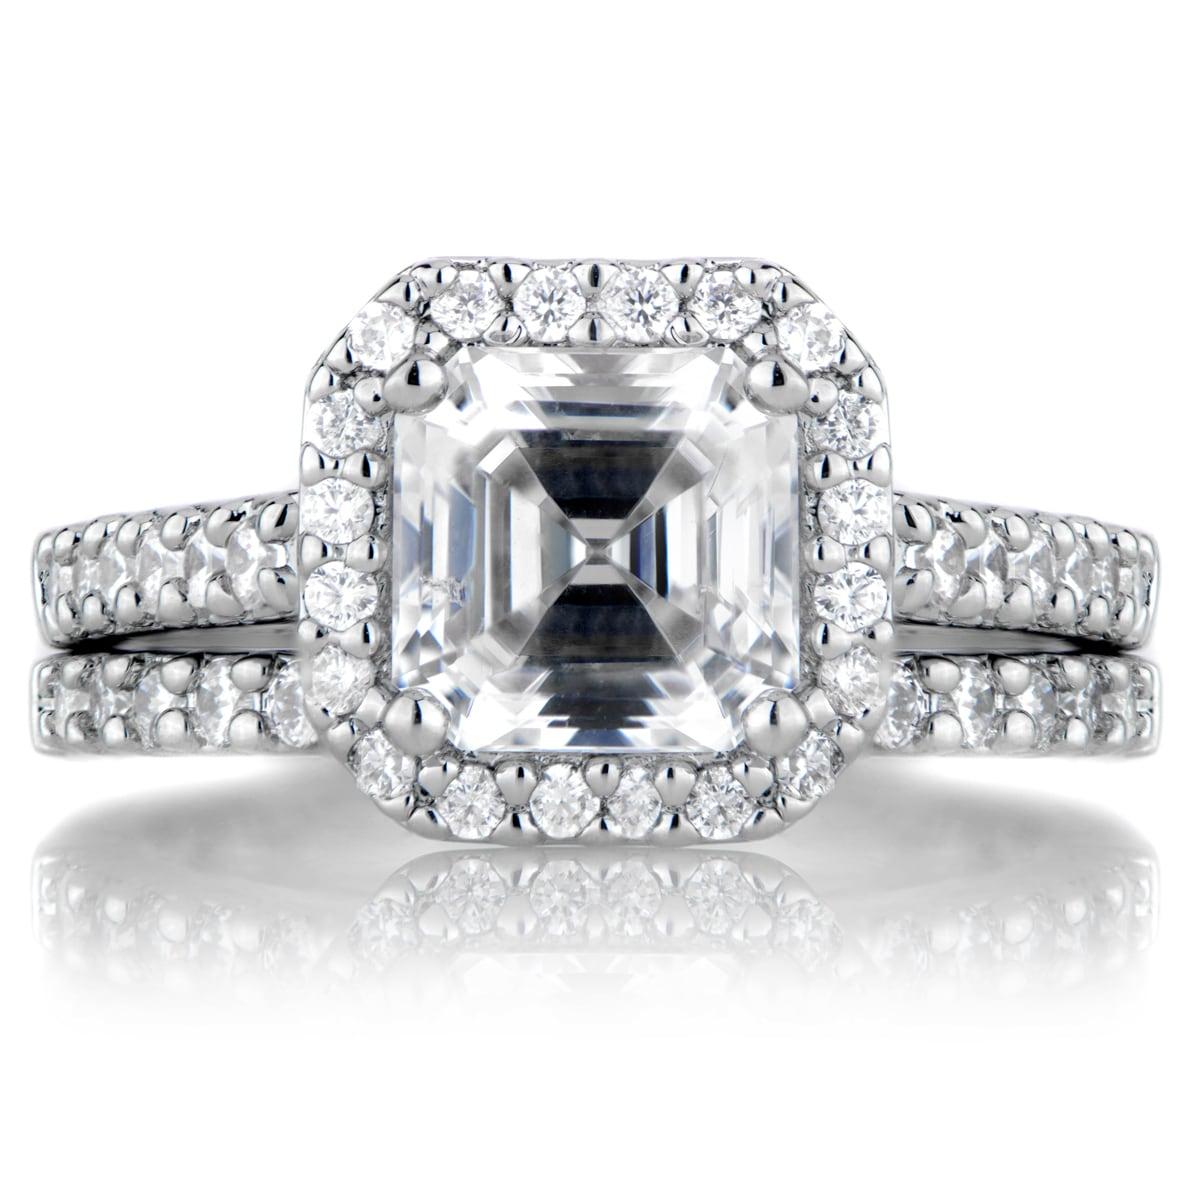 Sterling Silver Asscher Cut CZ Wedding Ring Set (11), Men...